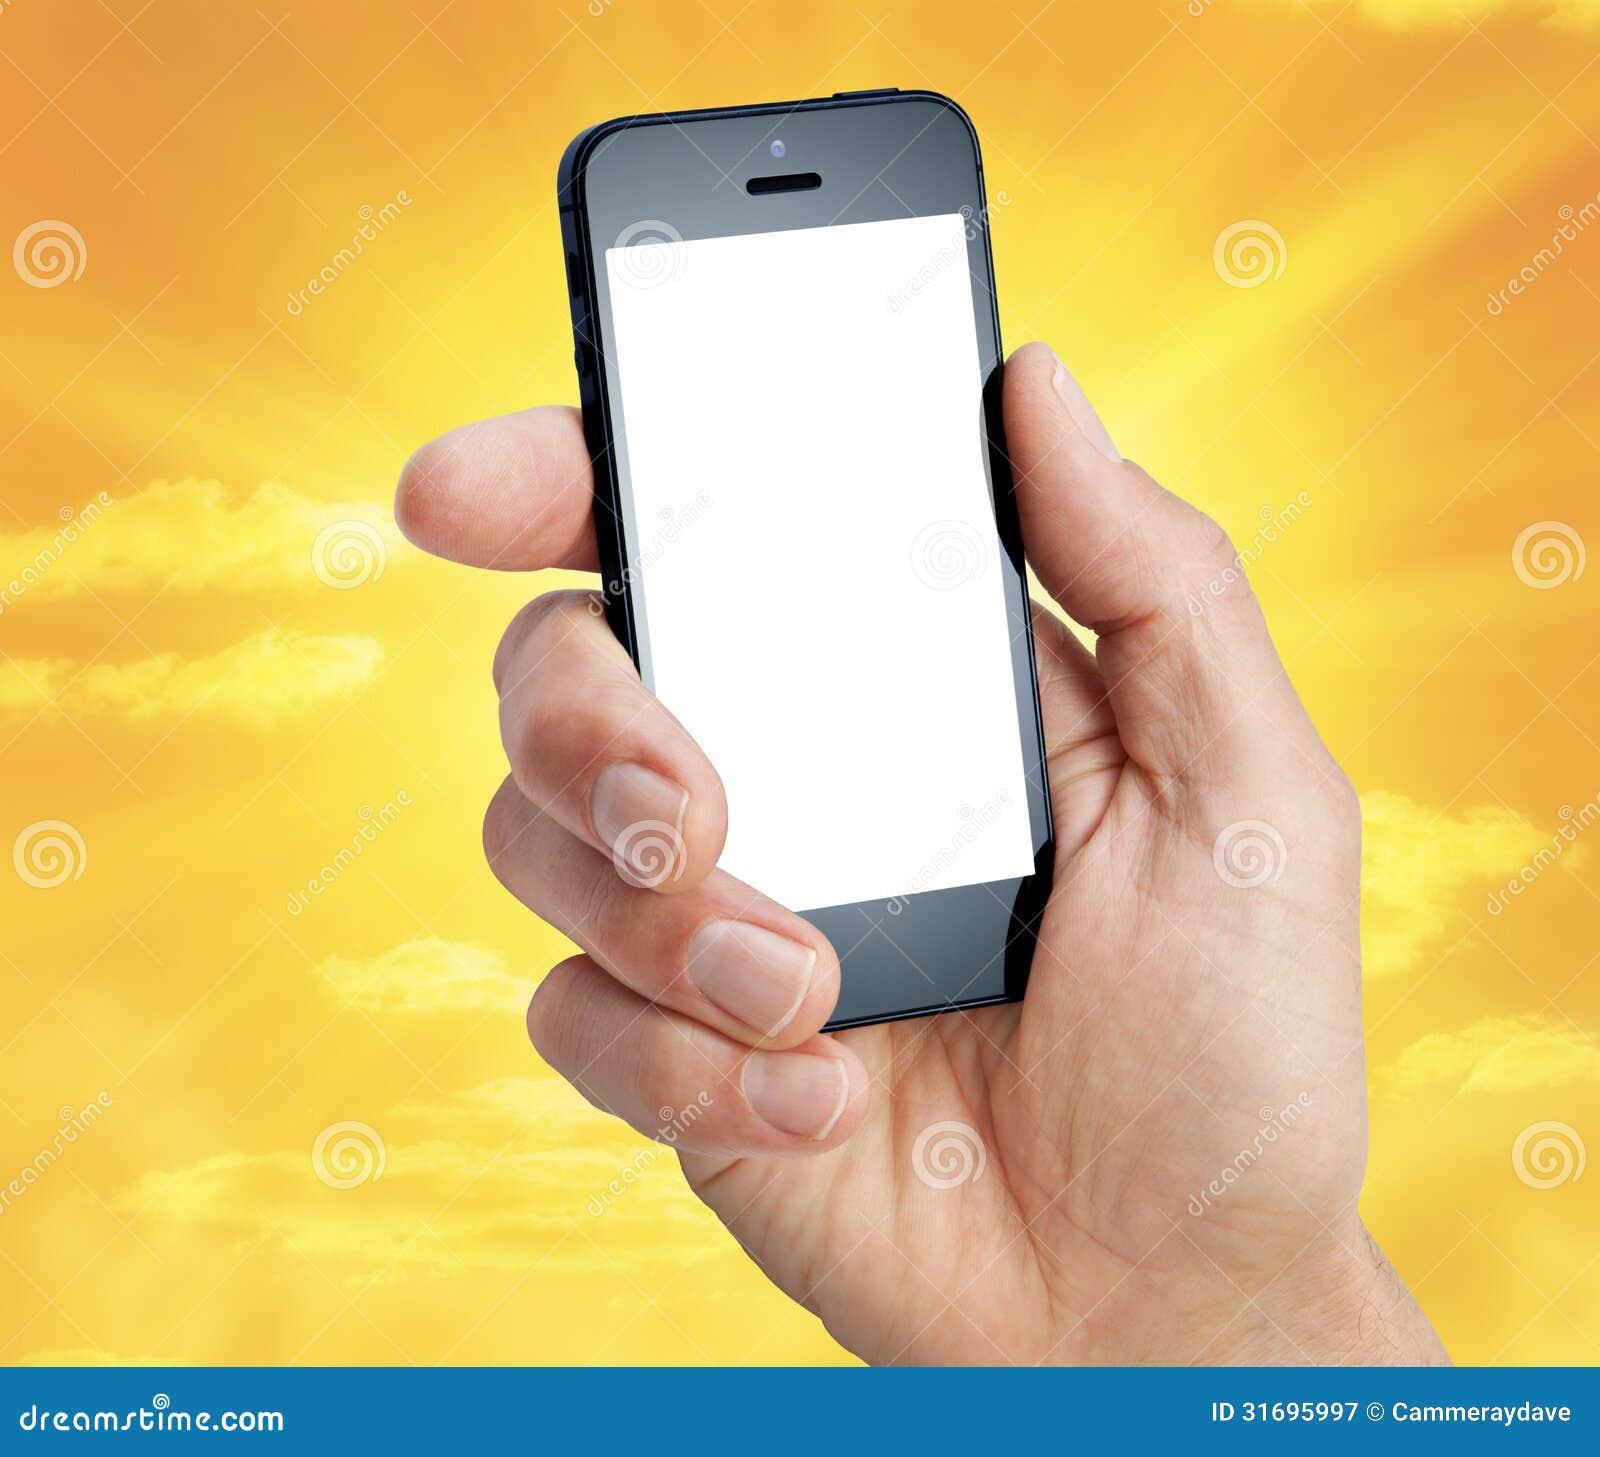 Cielo de la mano del teléfono celular